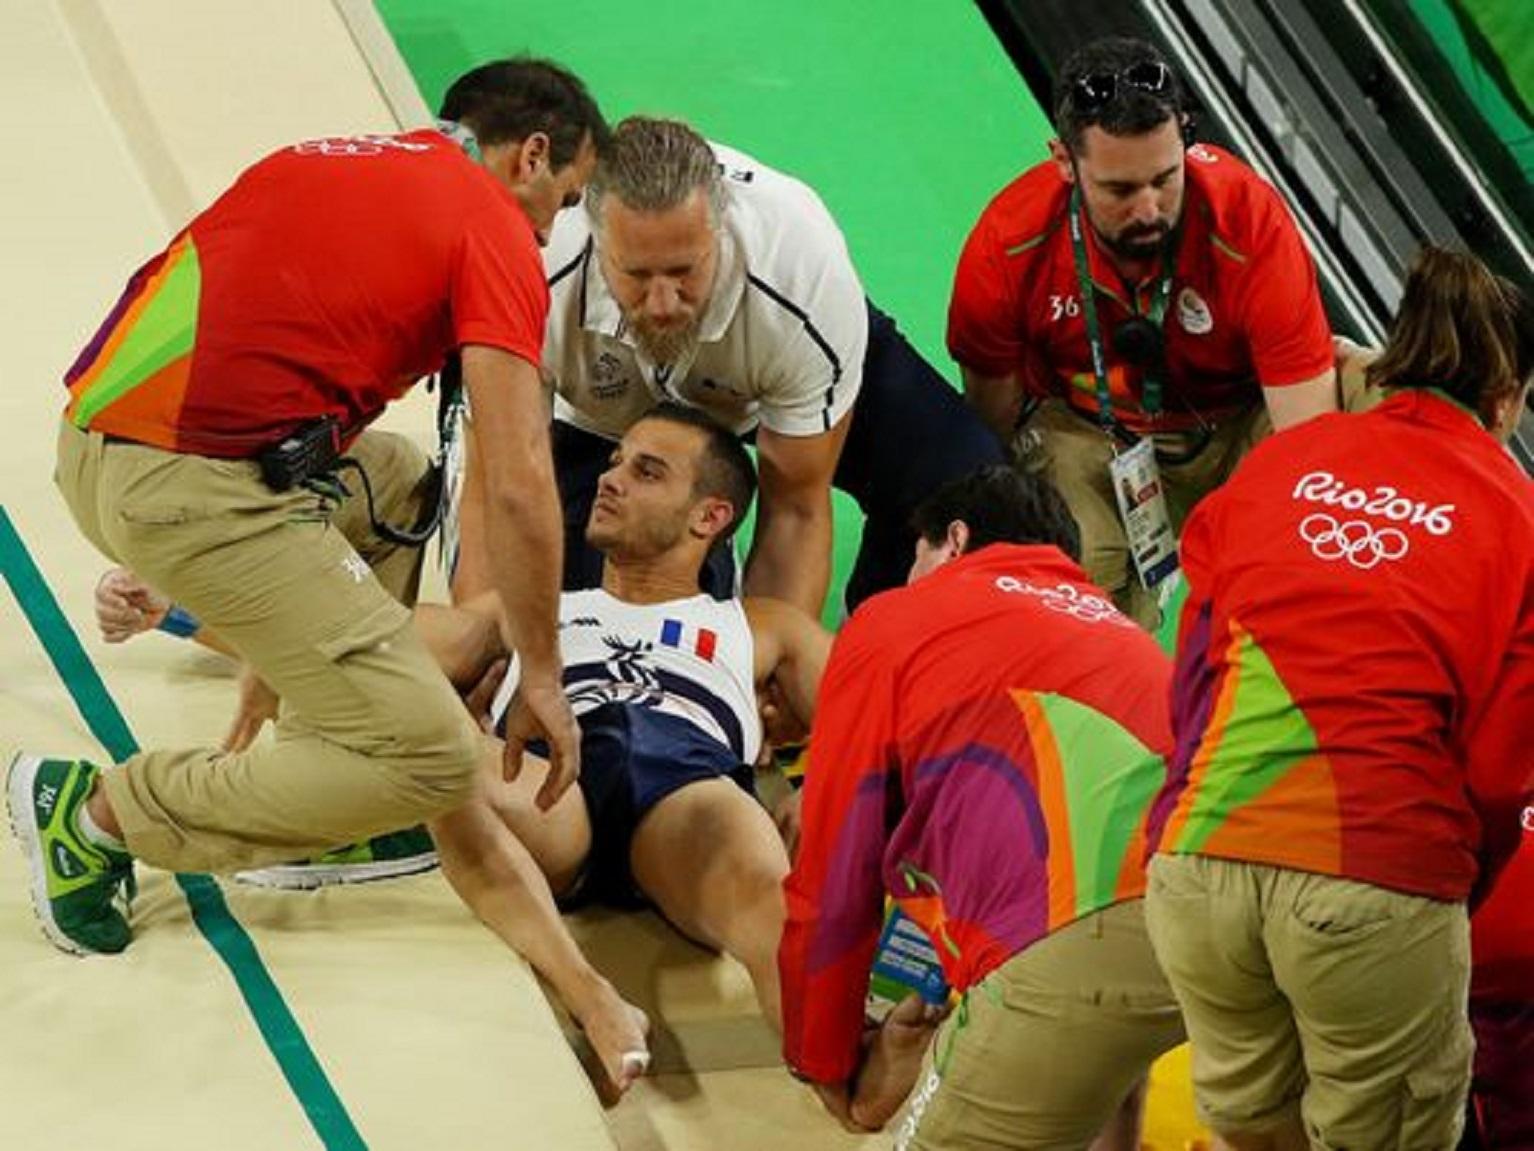 SAMIR AIT SAID, RIO OLYMPICS 6